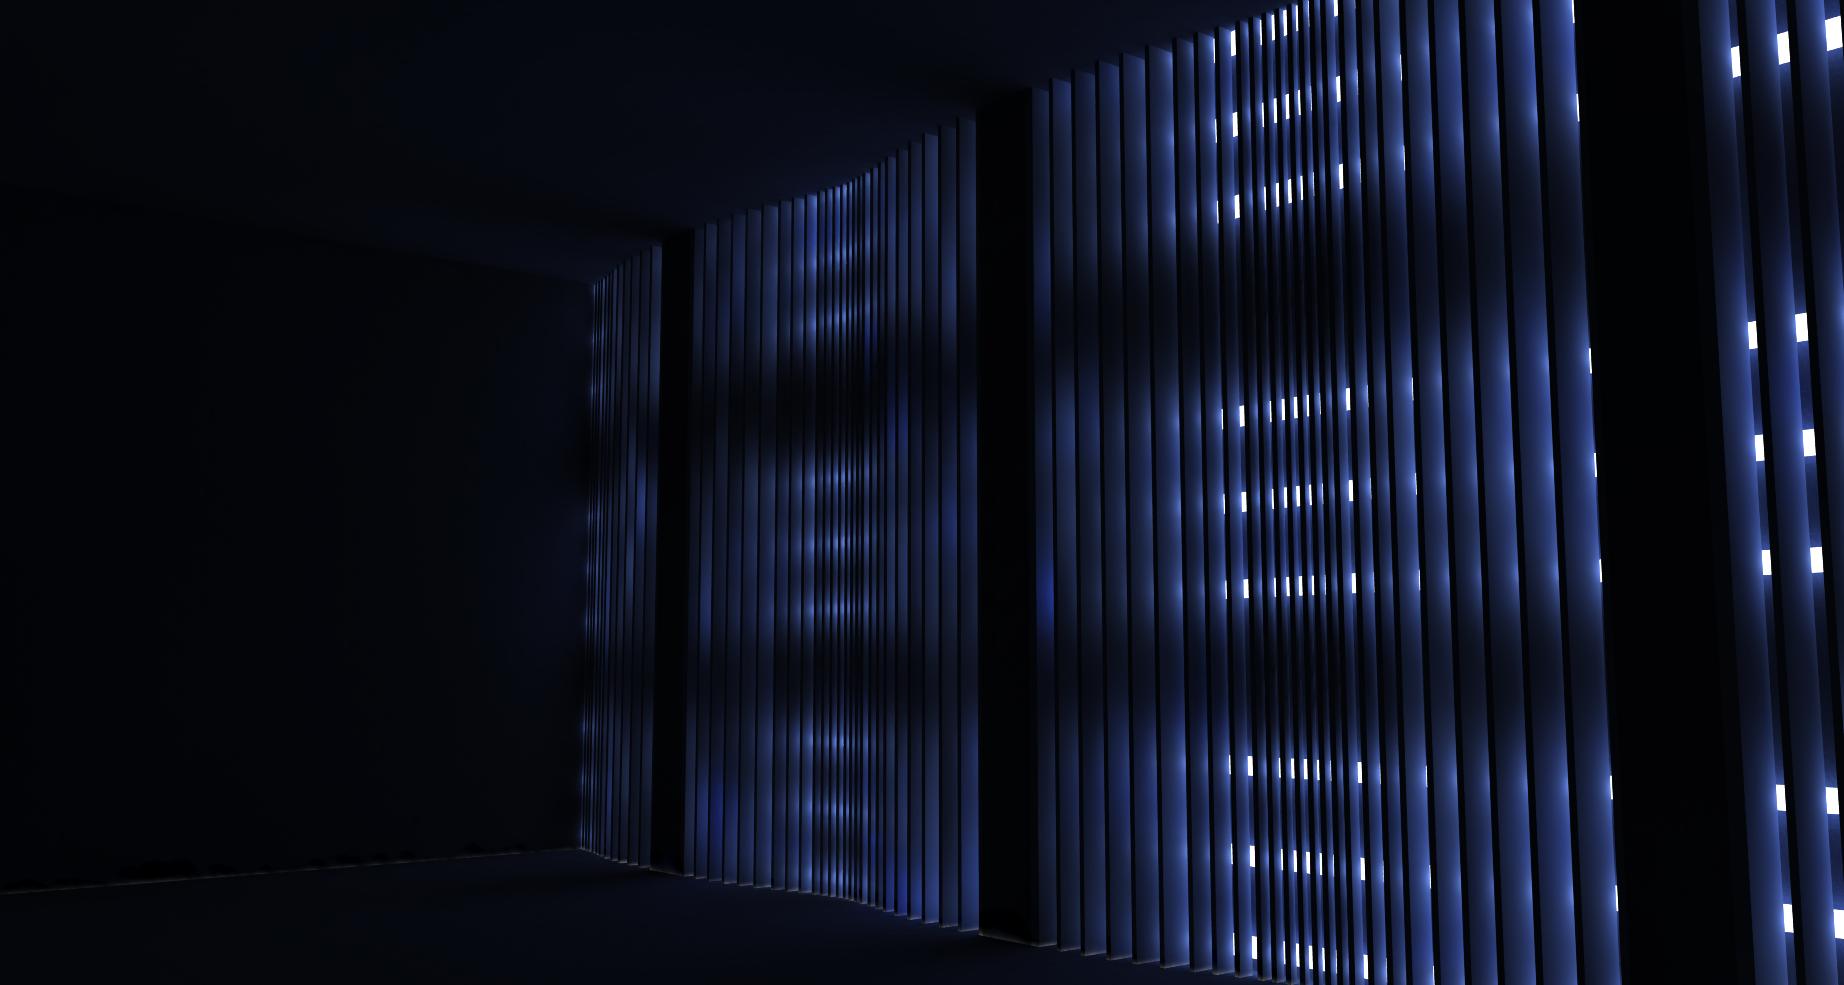 Morecinemas AWESOME thuisbioscopen LED effect